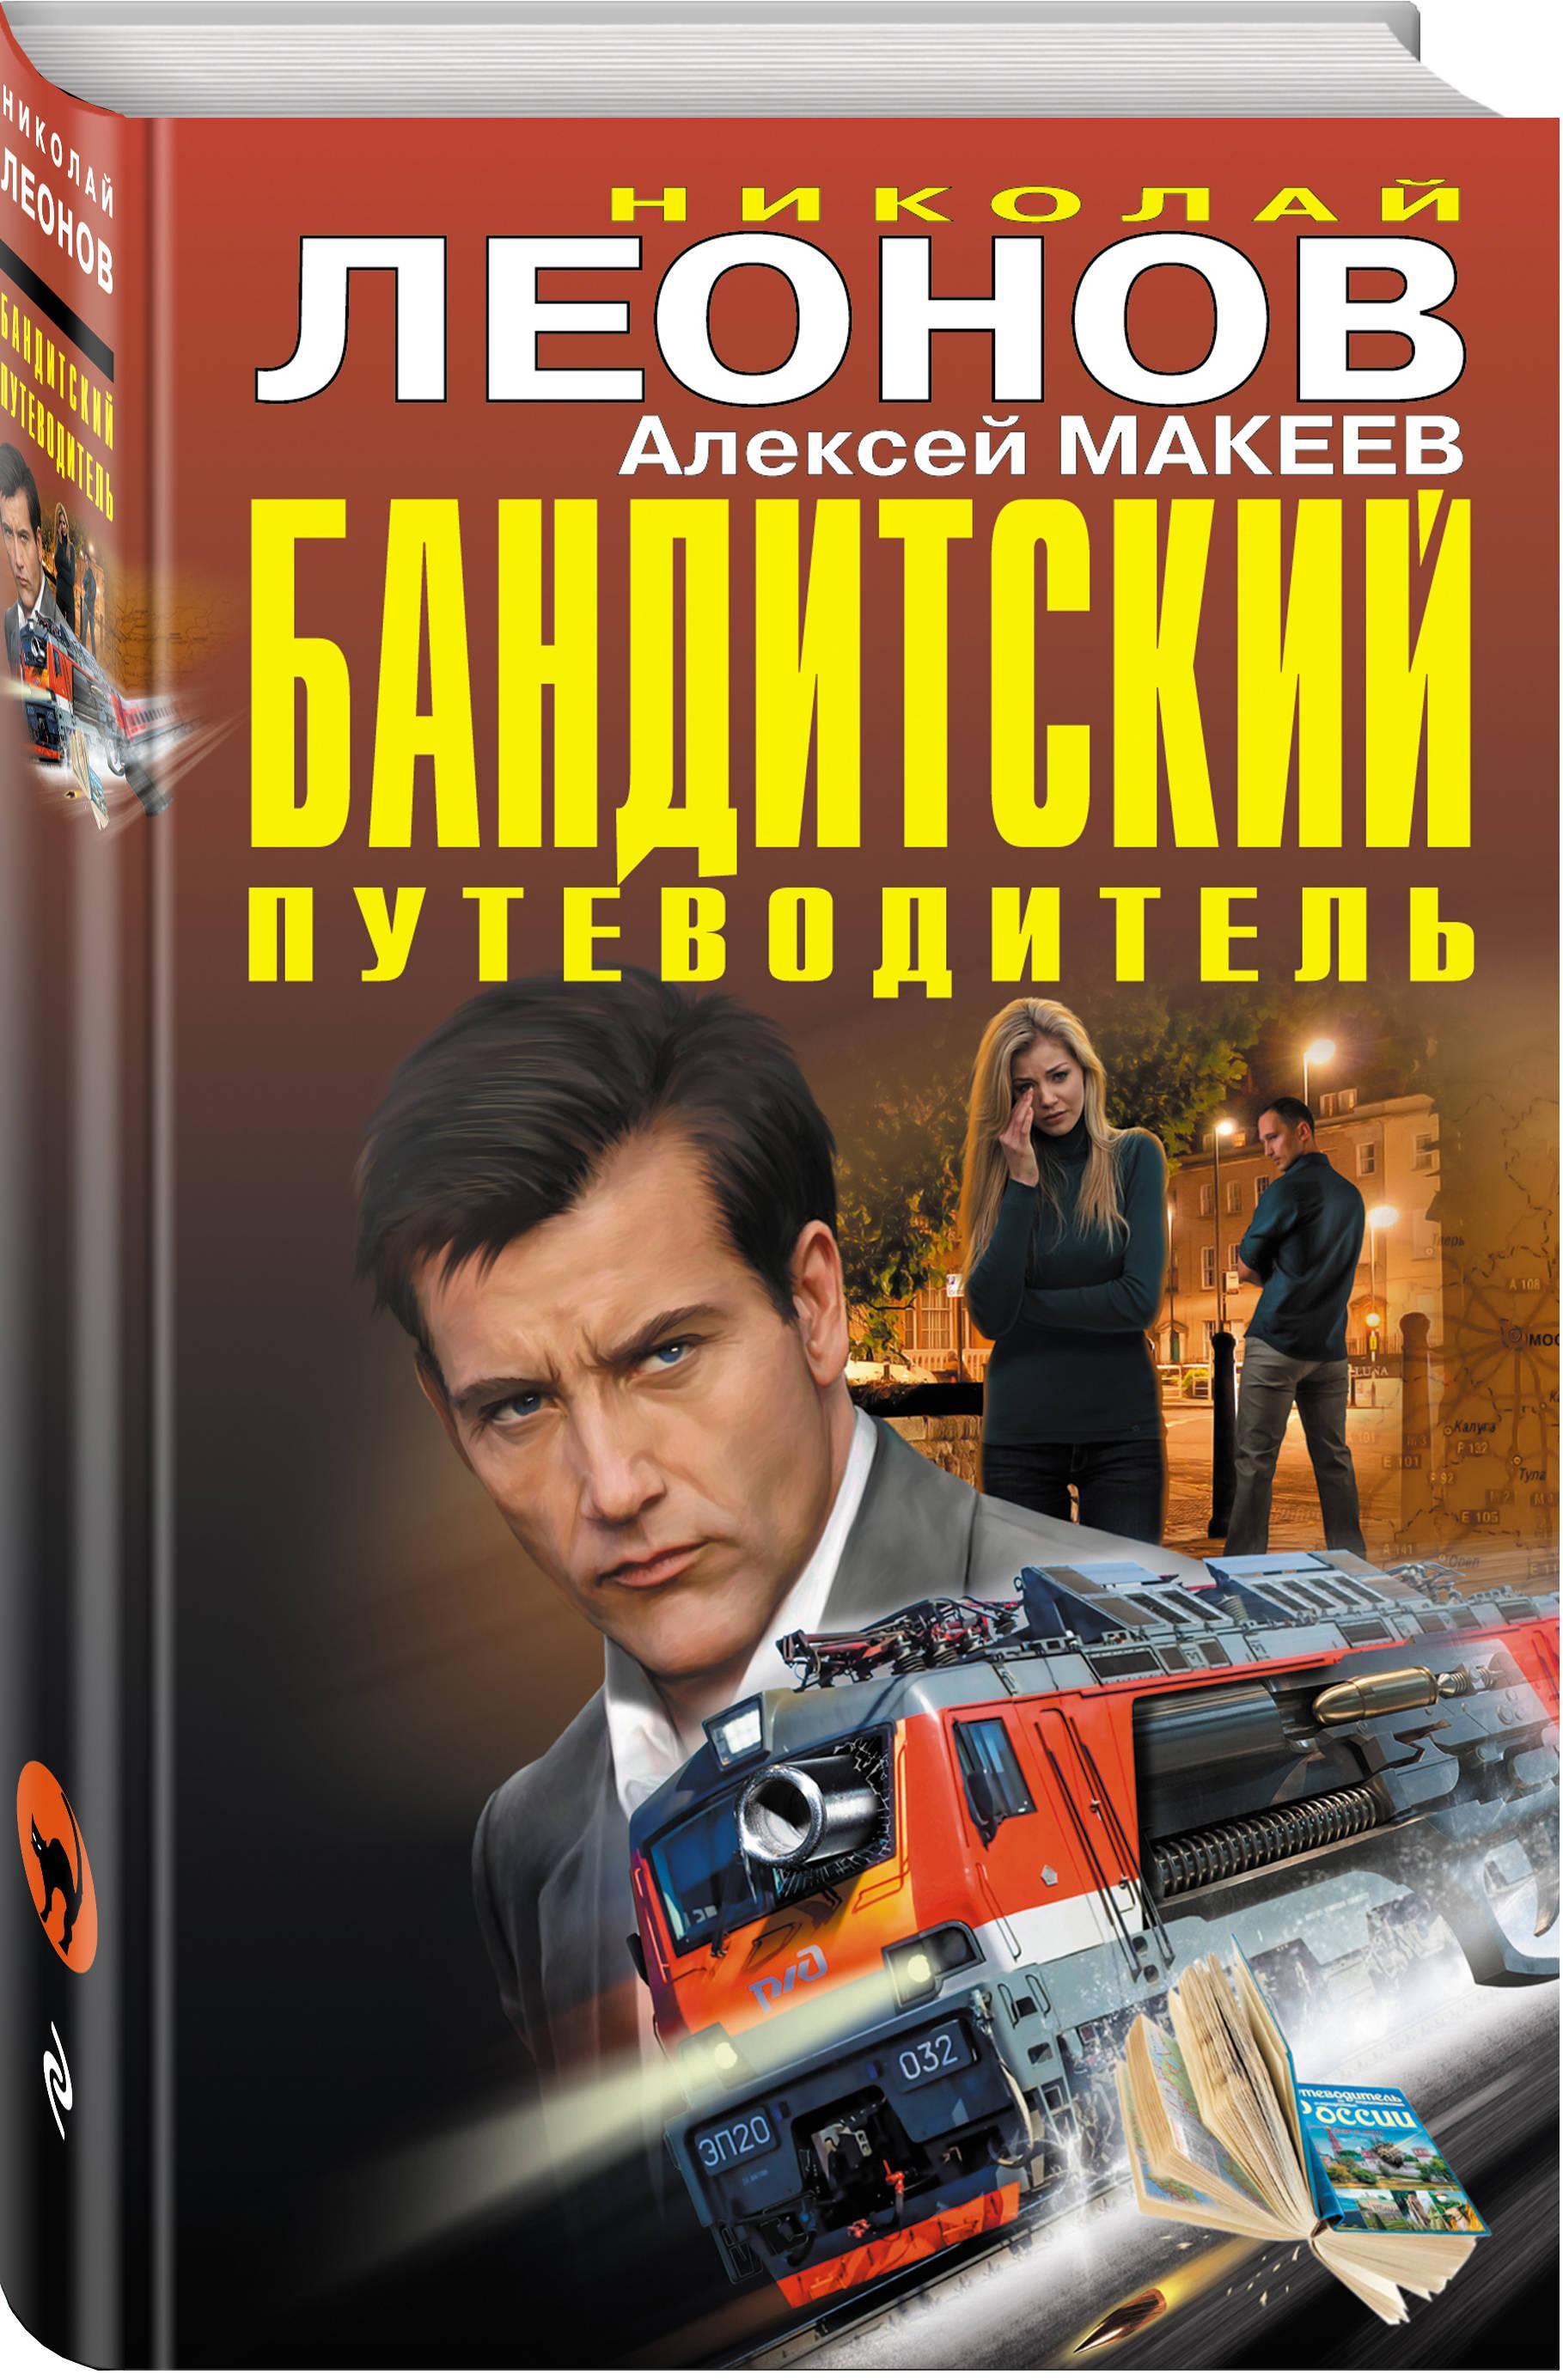 Николай Леонов, Алексей Макеев Бандитский путеводитель